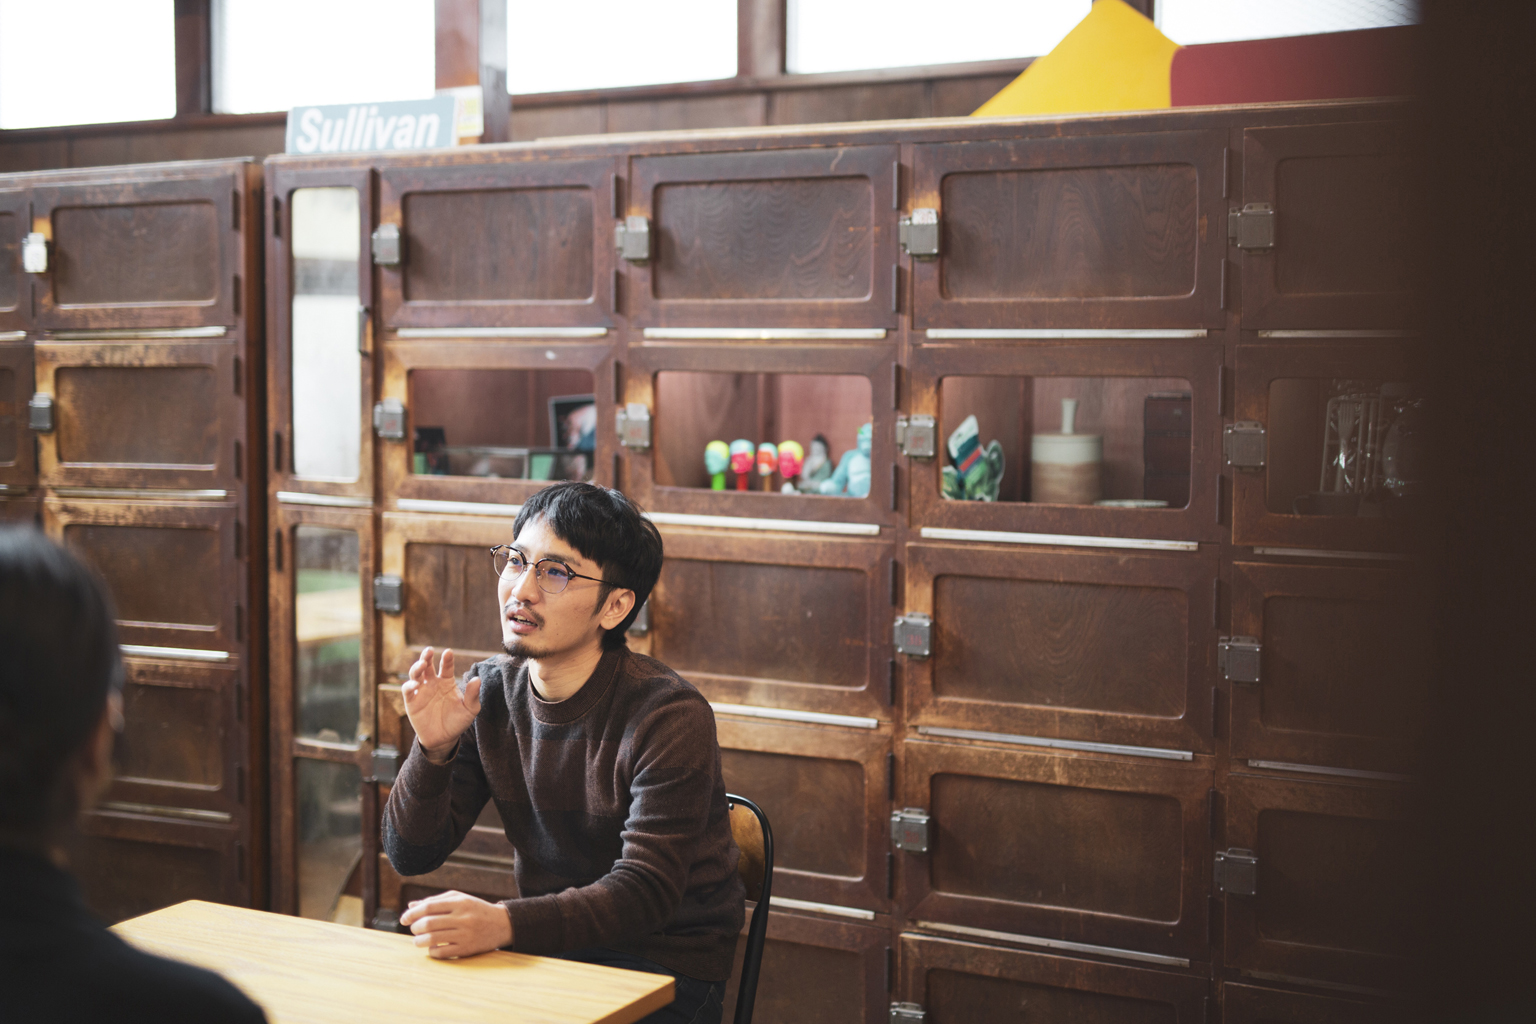 インタビュー中風景(シェル美術賞2019グランプリ黒坂祐/四谷未確認スタジオにて)